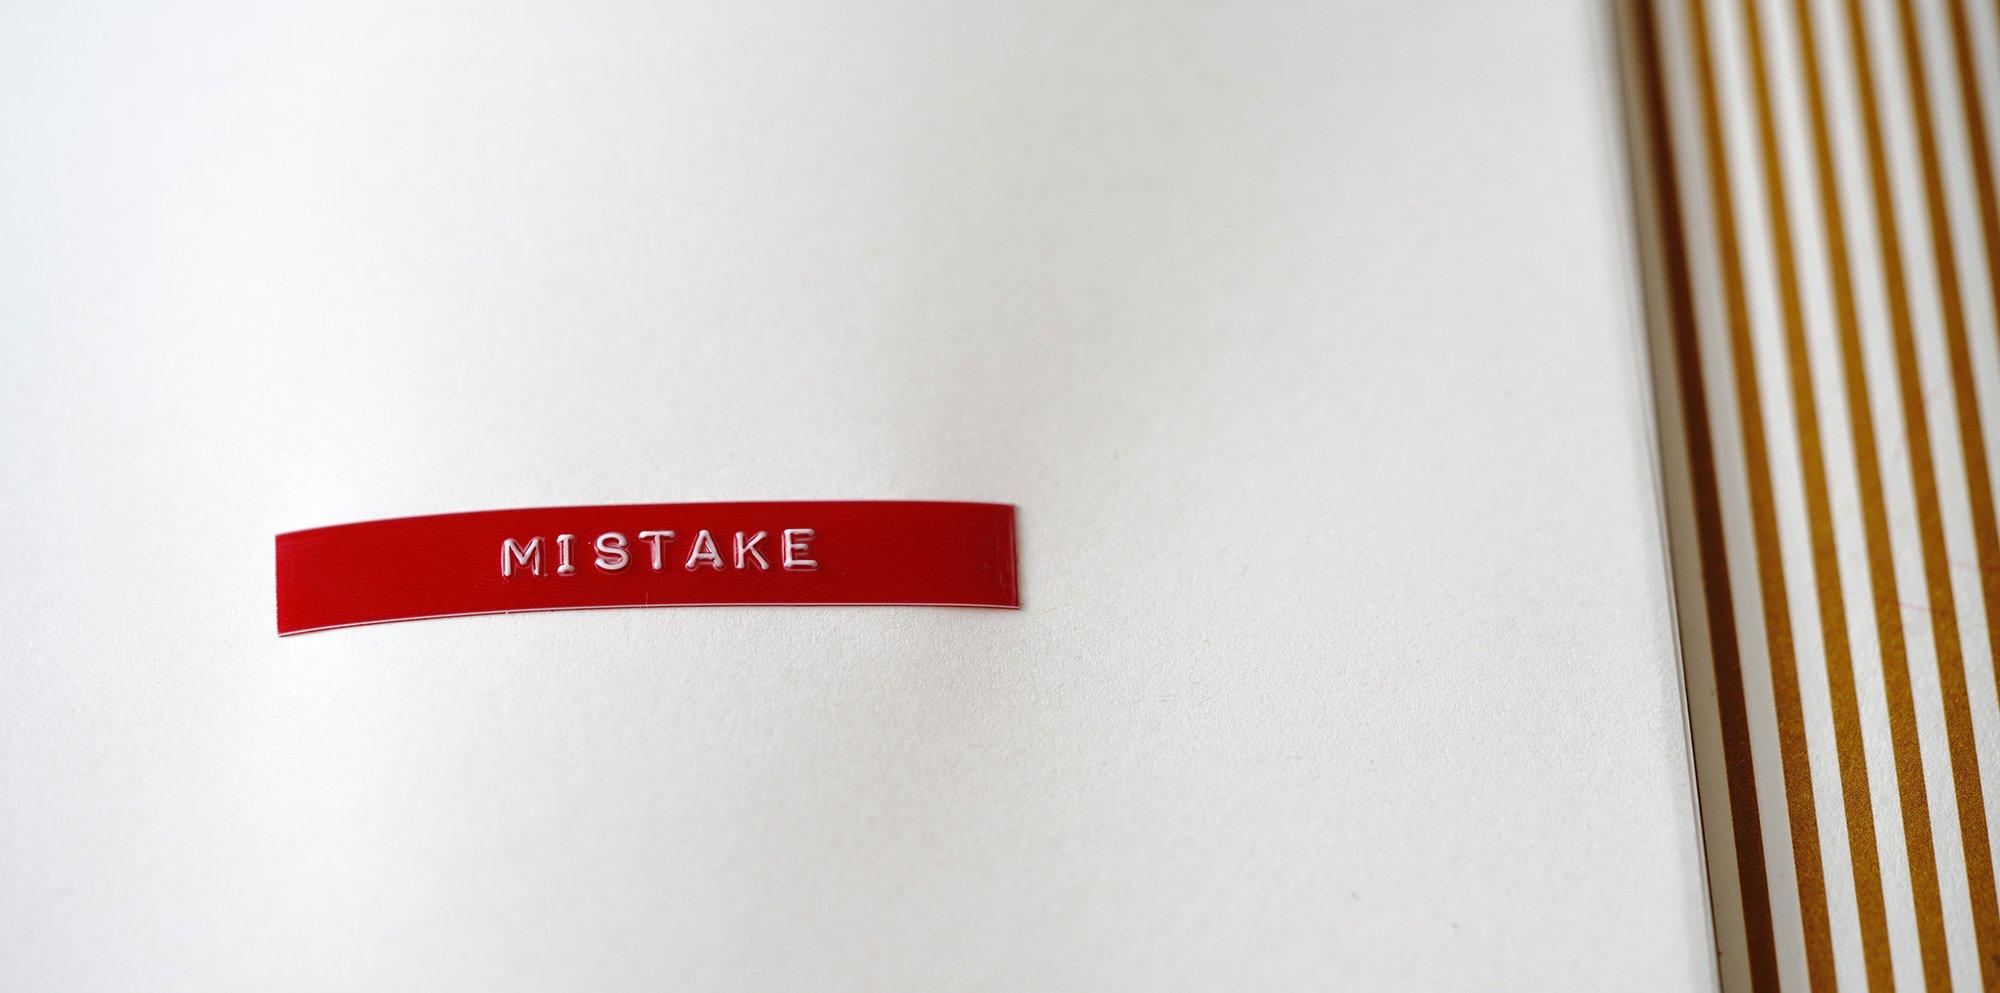 טעויות המיתוג